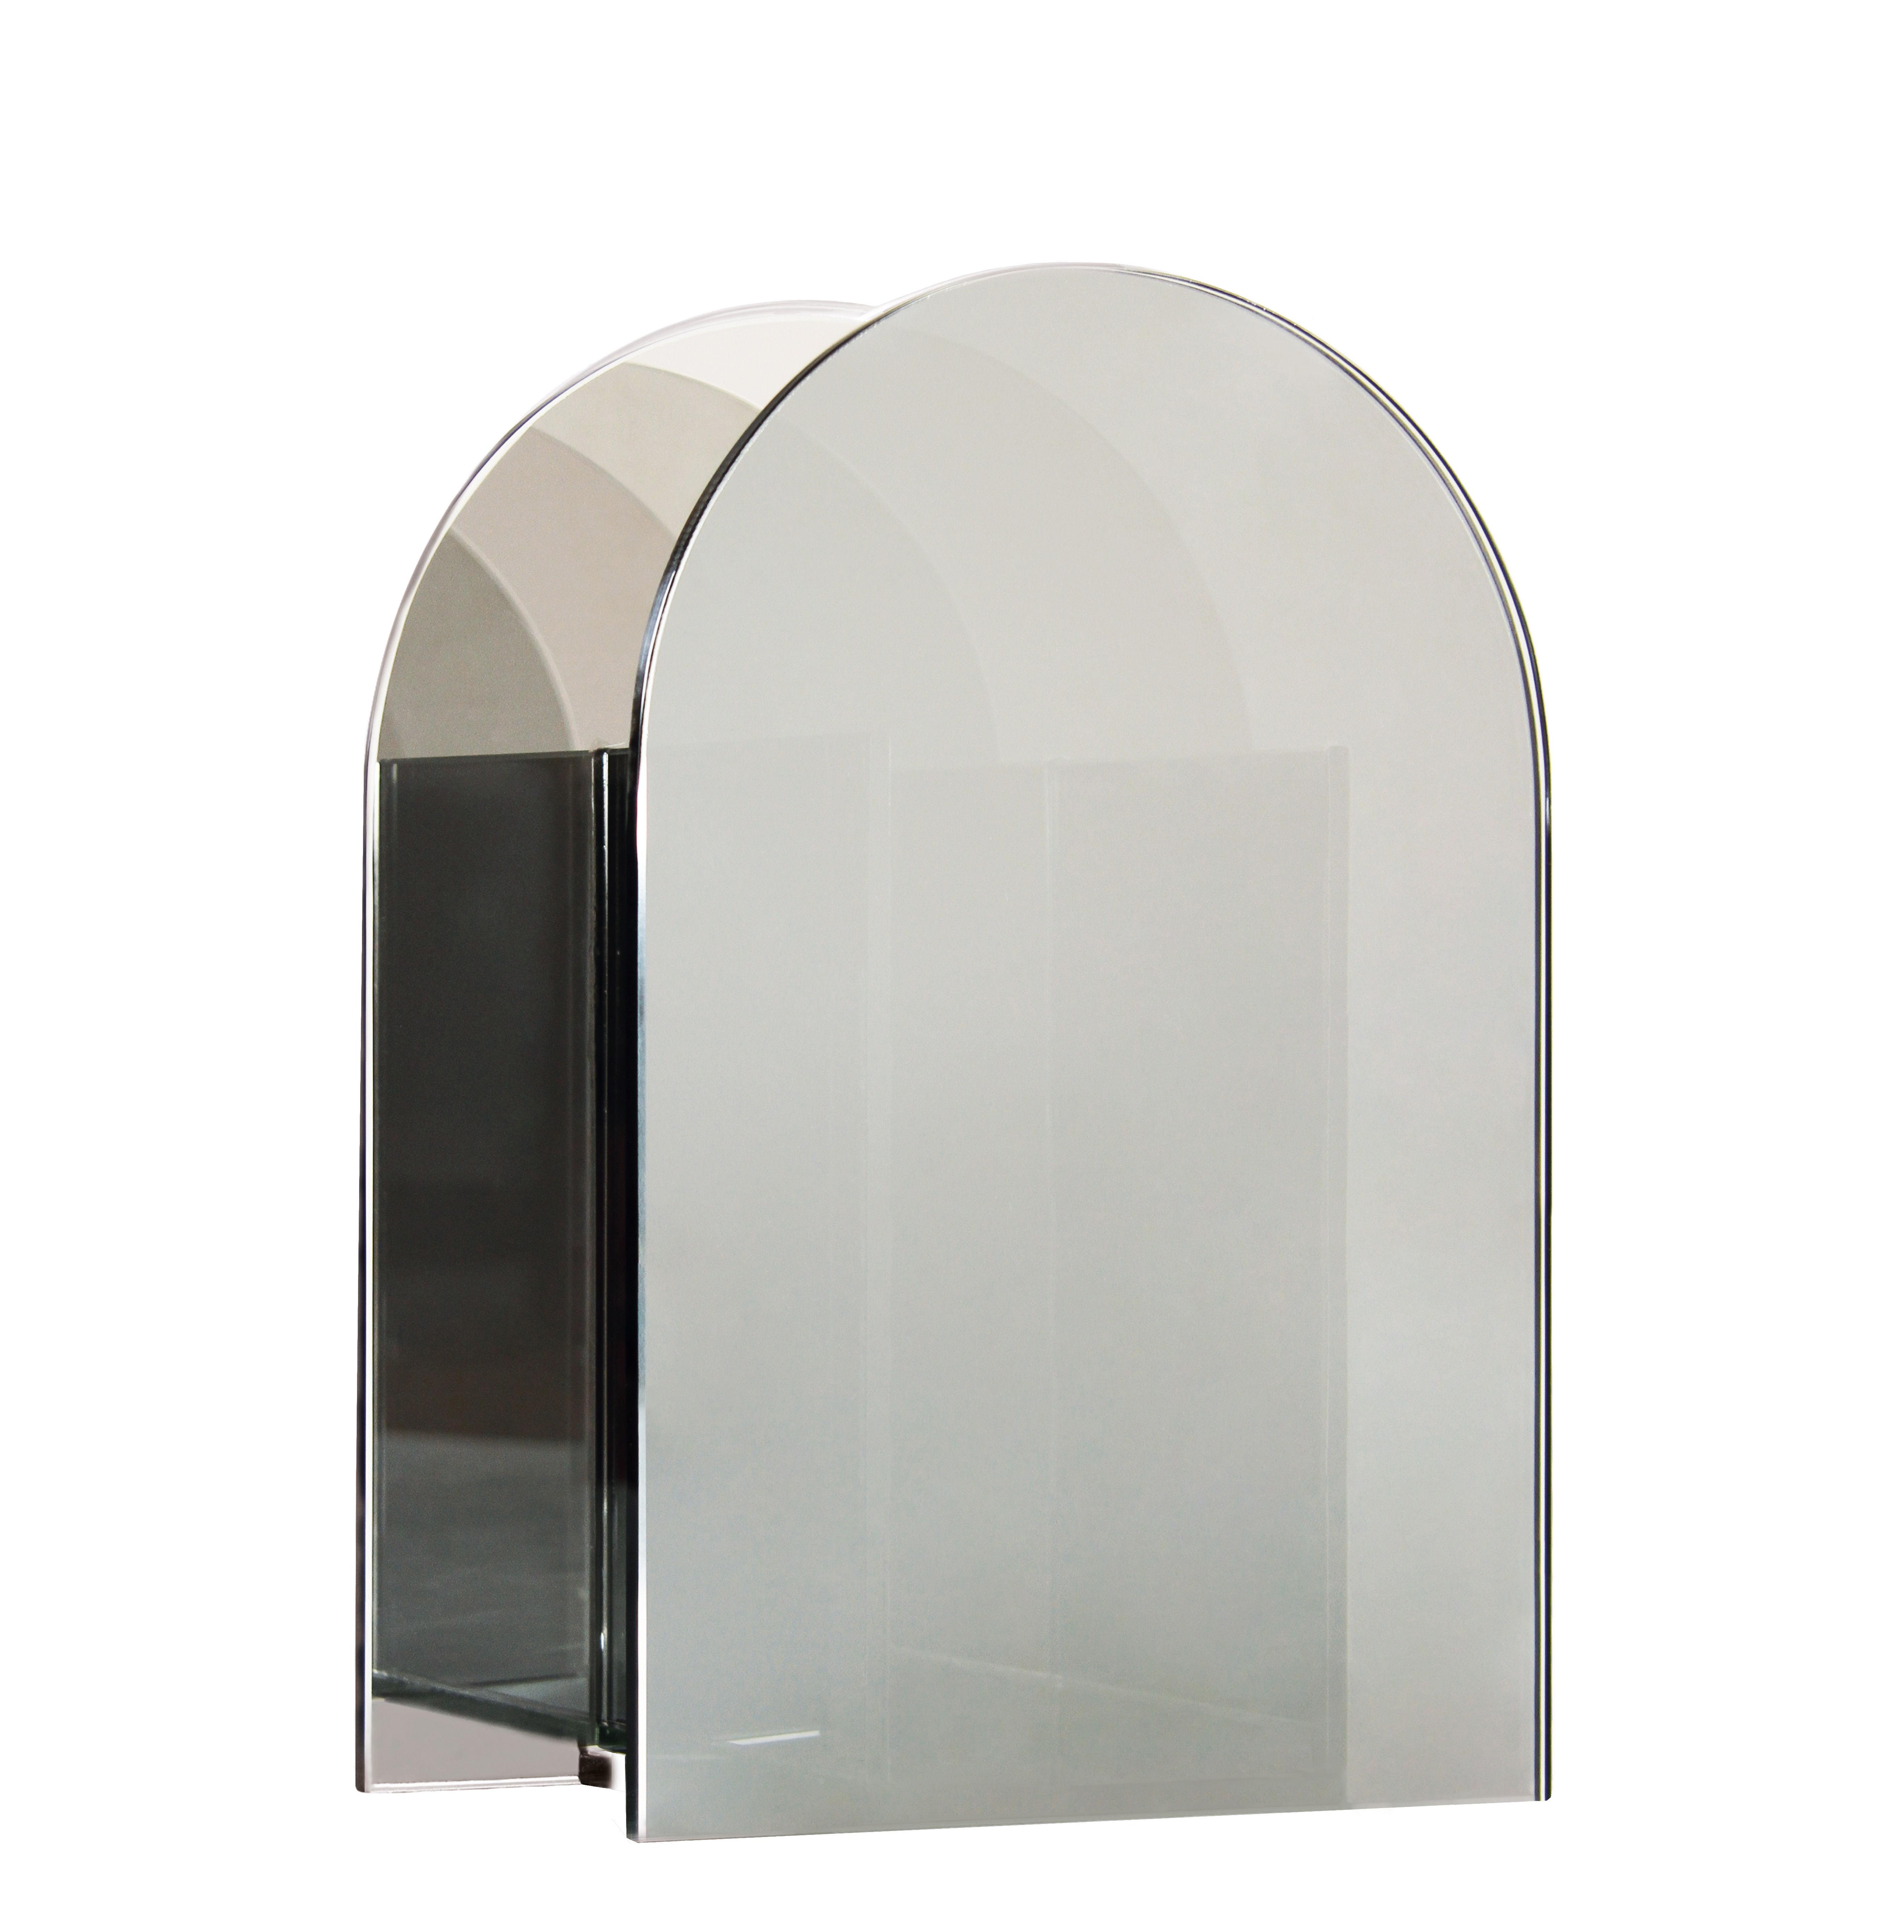 Déco - Vases - Vase Arch Reflection / H 26 cm - Verre - & klevering - Argenté - Verre teinté